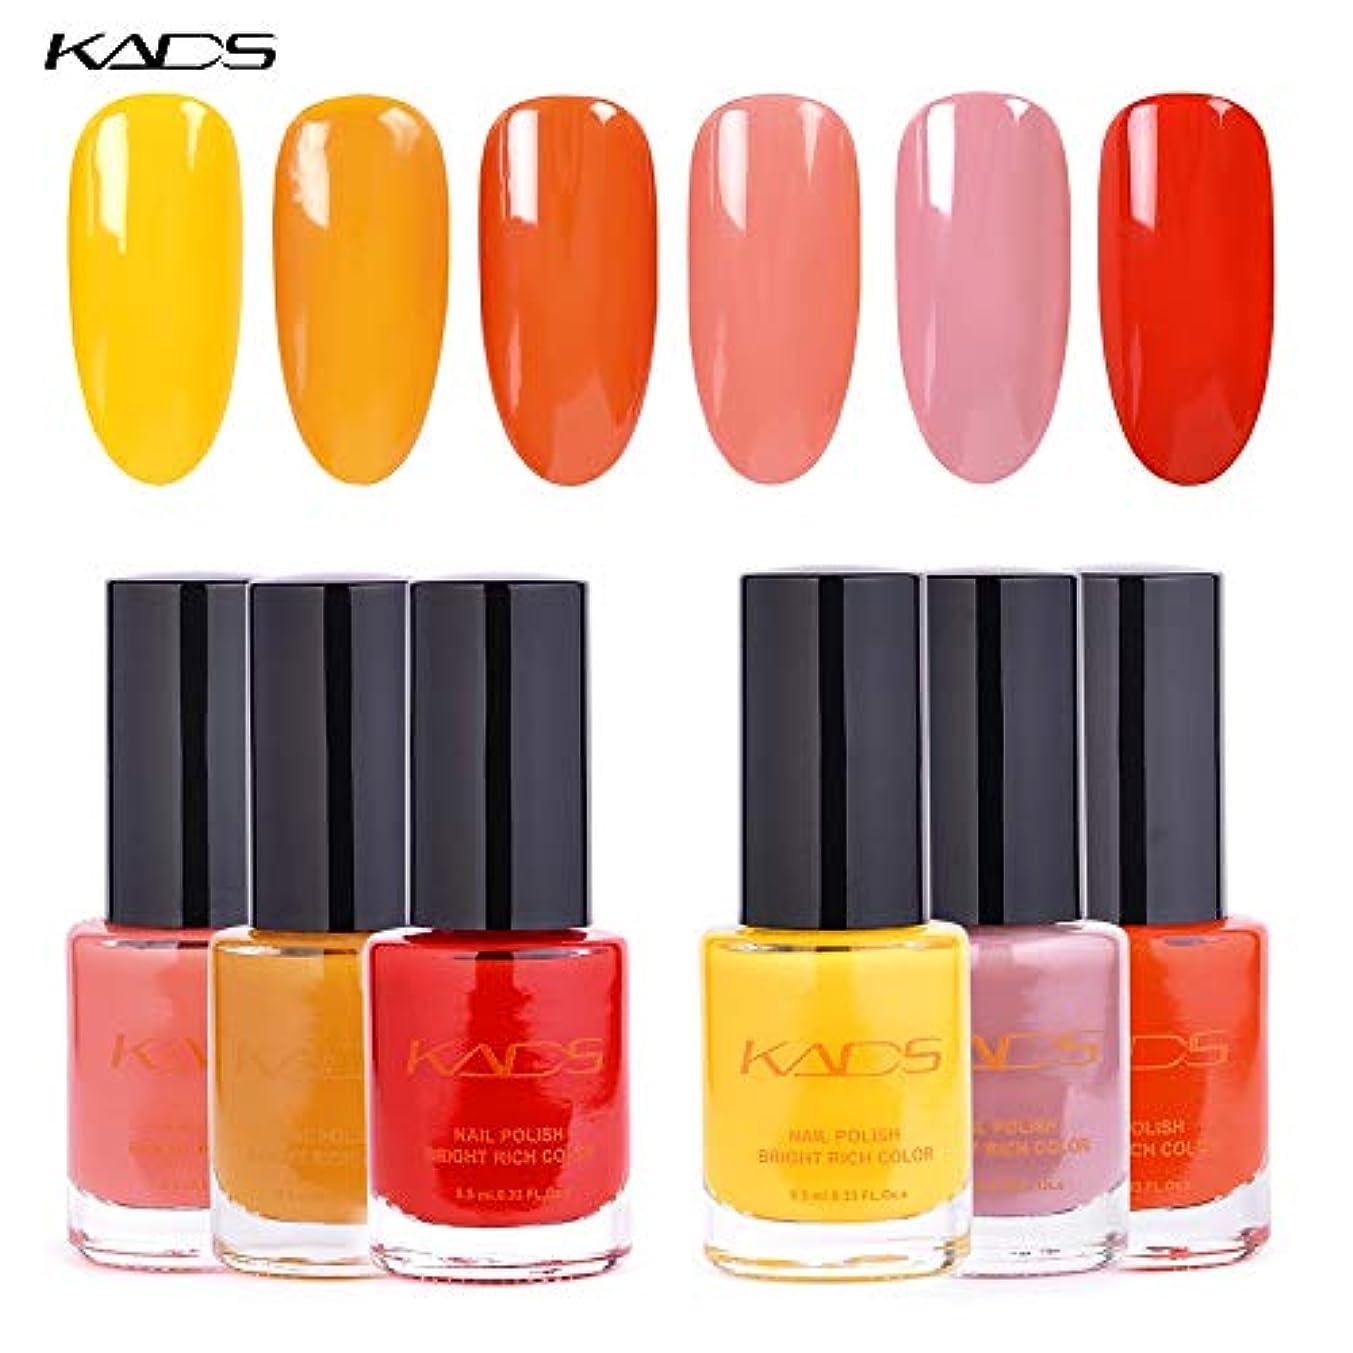 栄養前奏曲上向きKADS ネイルポリッシュ ゼリーシリーズ ピンク/オレンジ/イエロー 6色入り 9.5ML 艶長持ち マニキュアセット